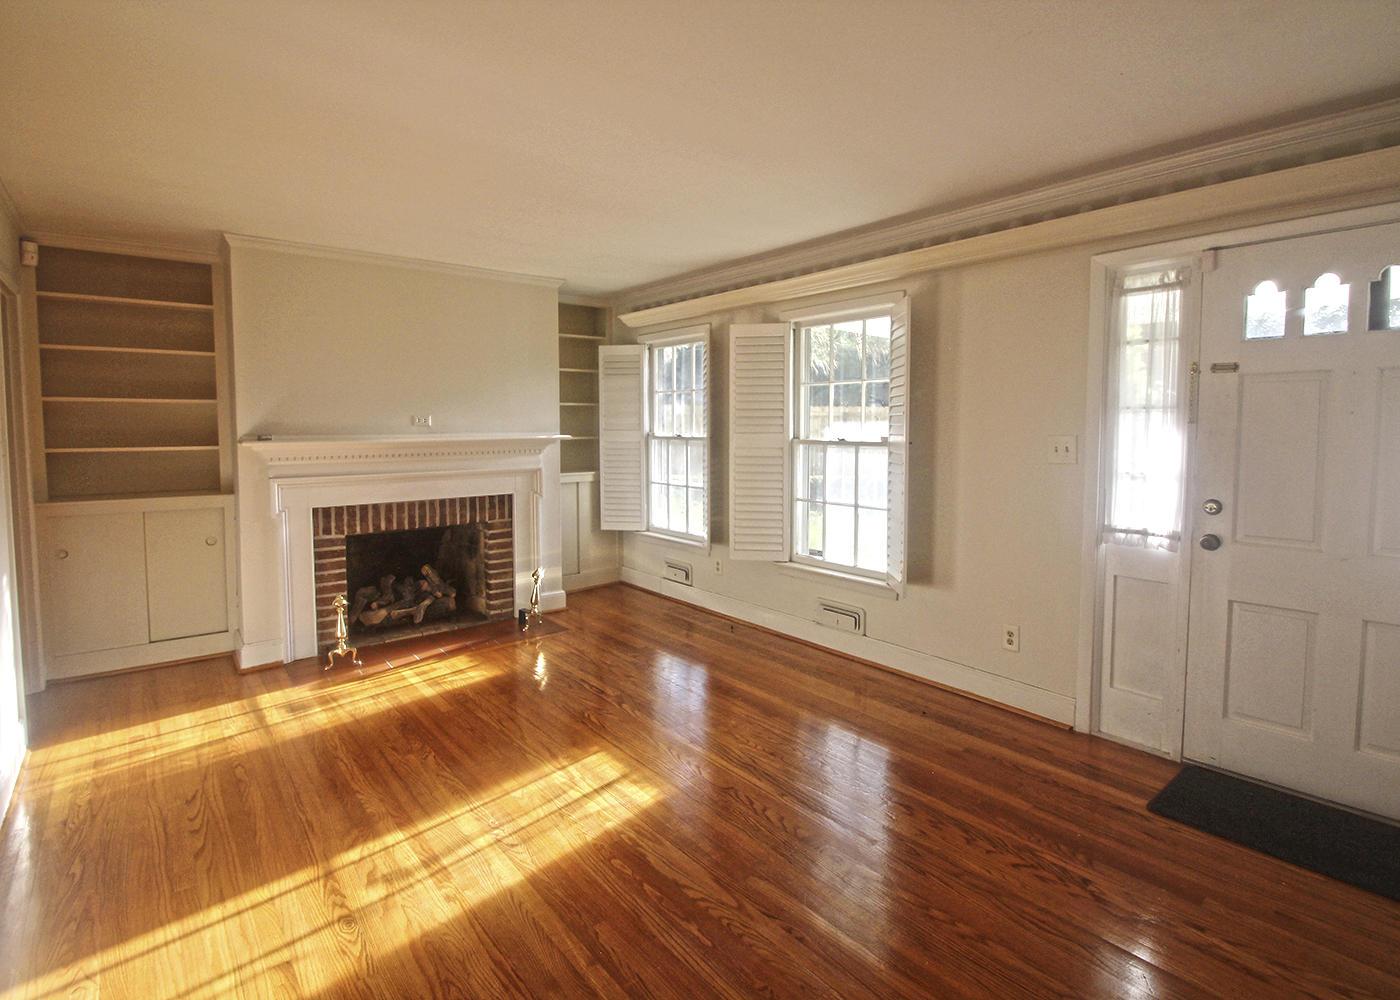 Moreland Homes For Sale - 802 Sheldon, Charleston, SC - 11